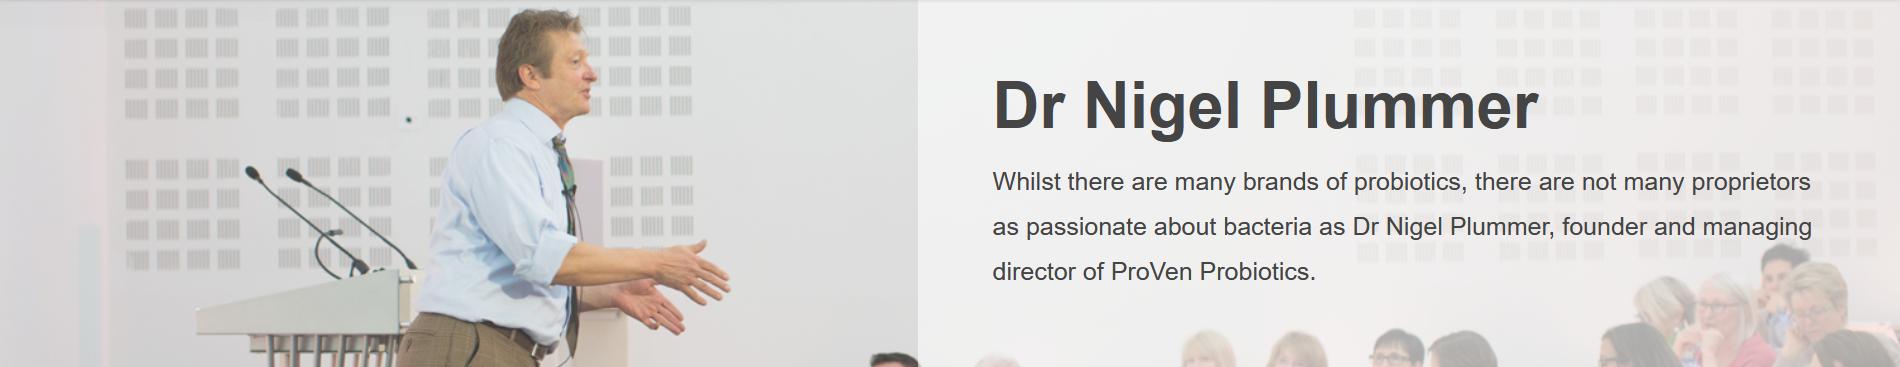 Dr Nigel Plummer